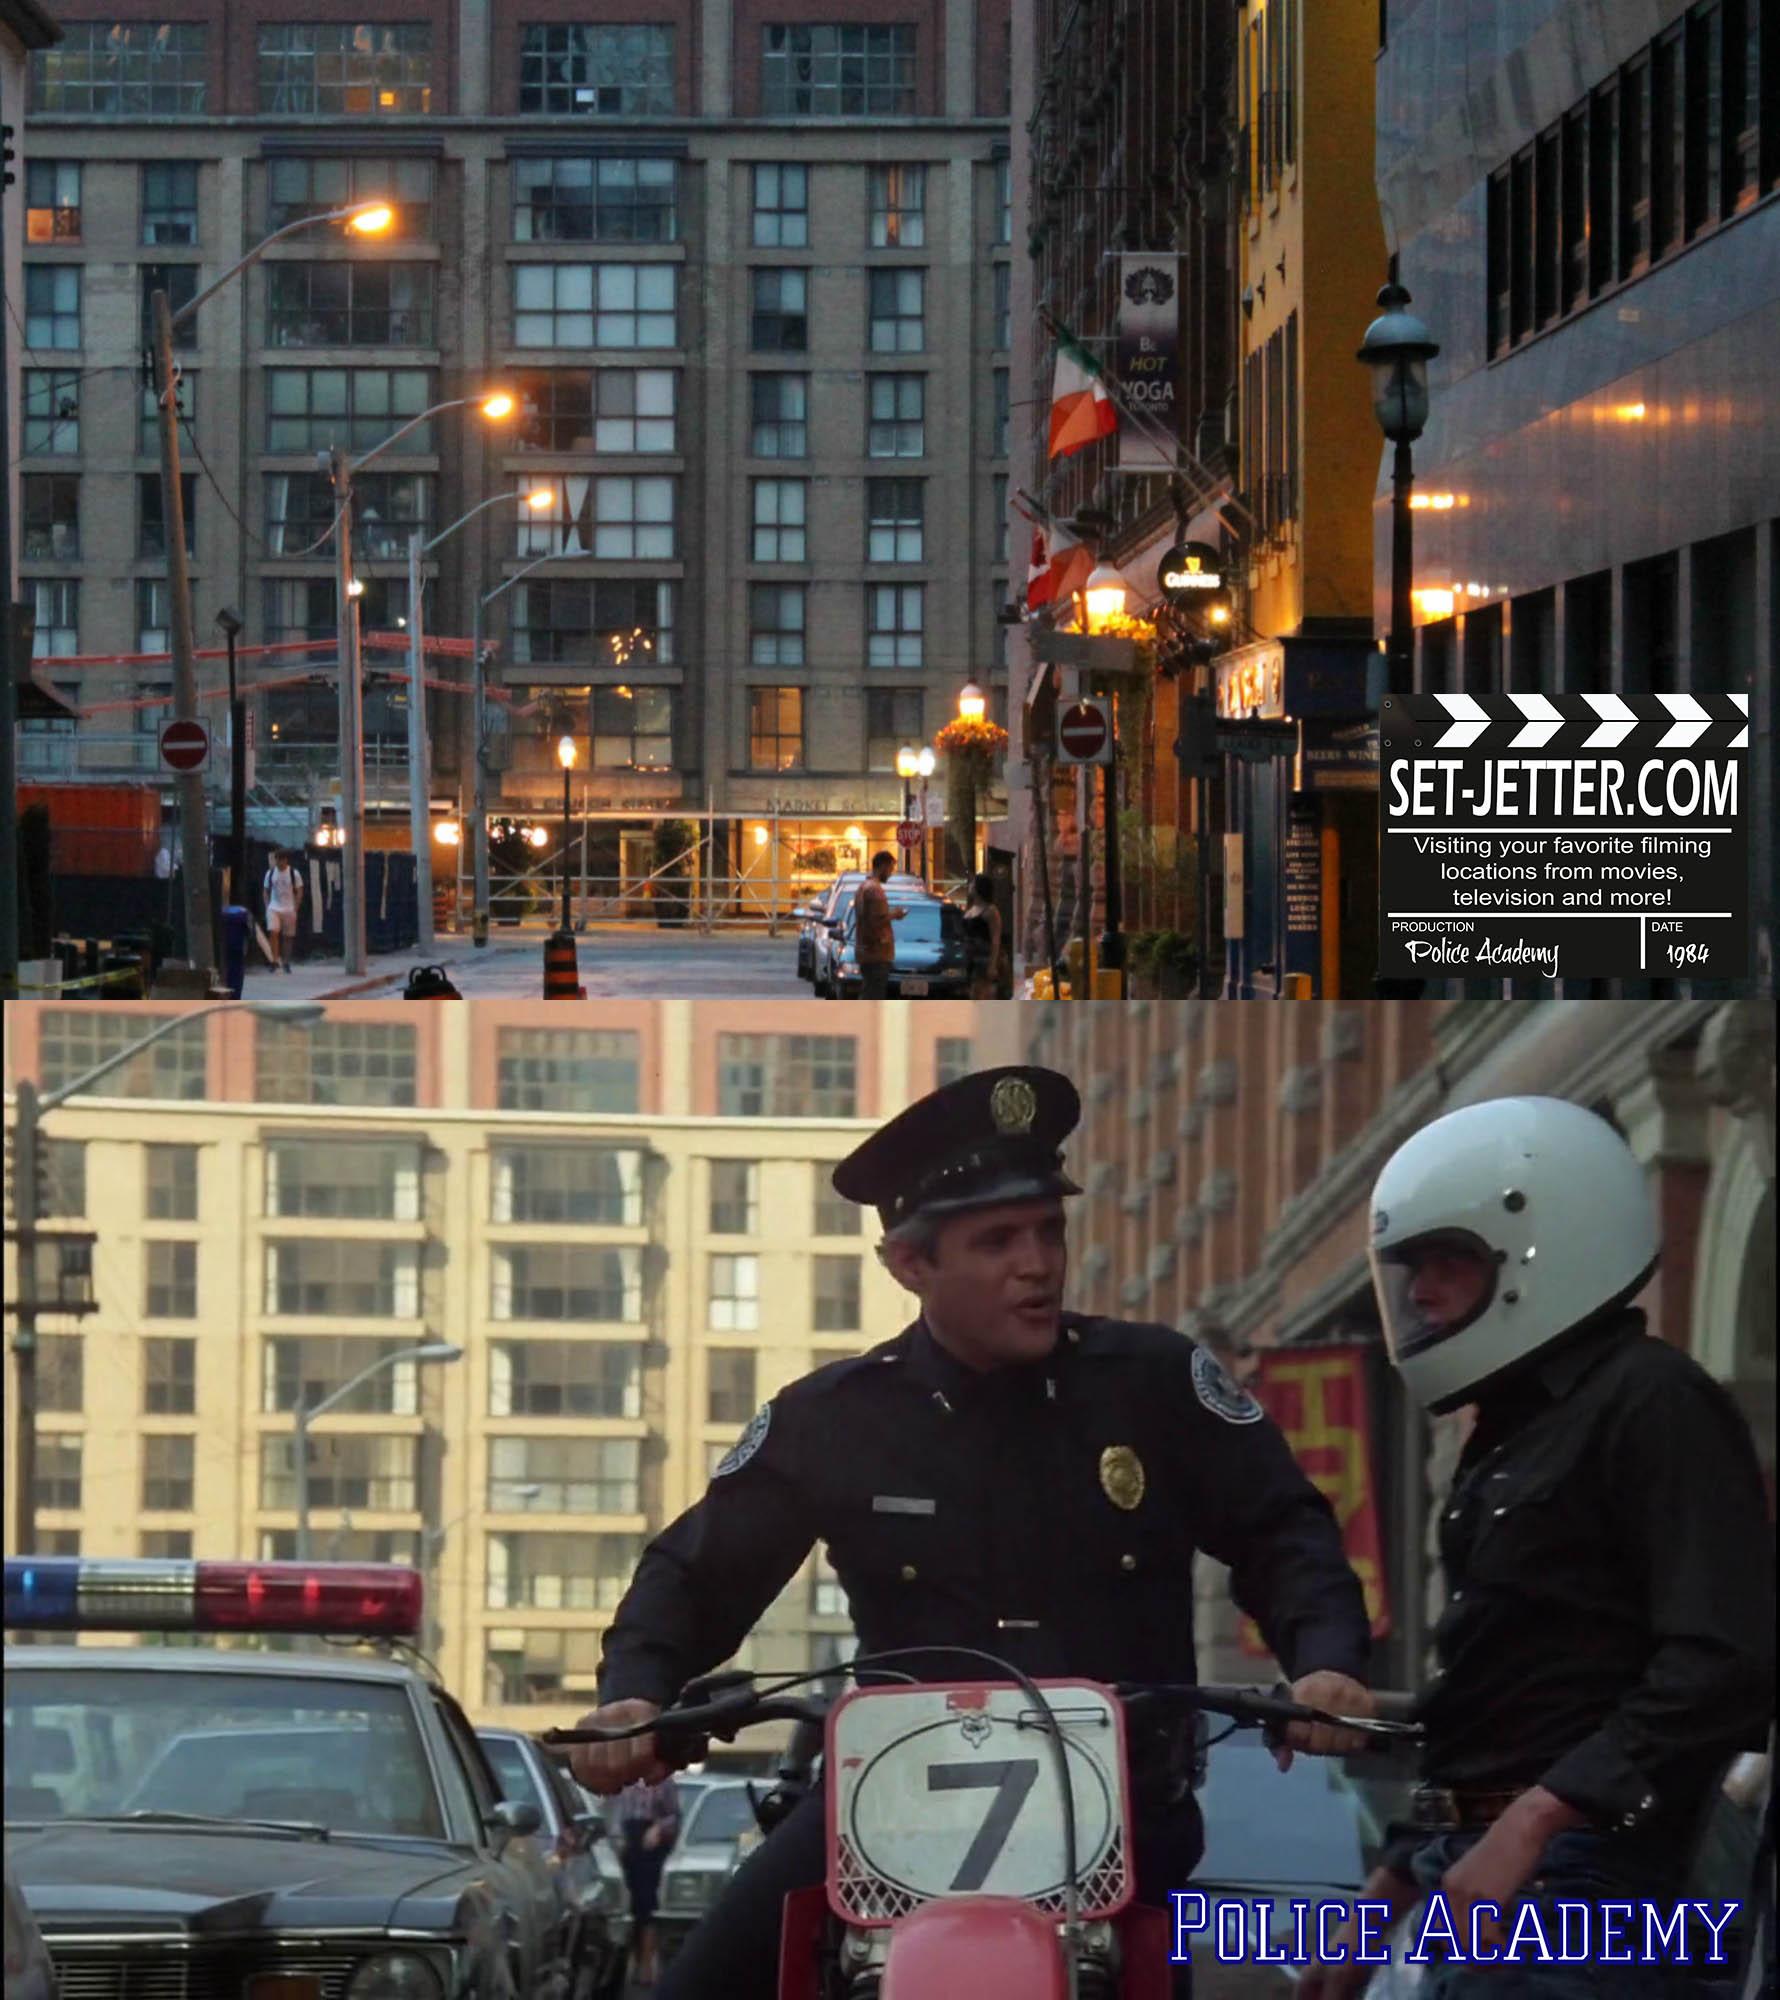 Police Academy 037.jpg